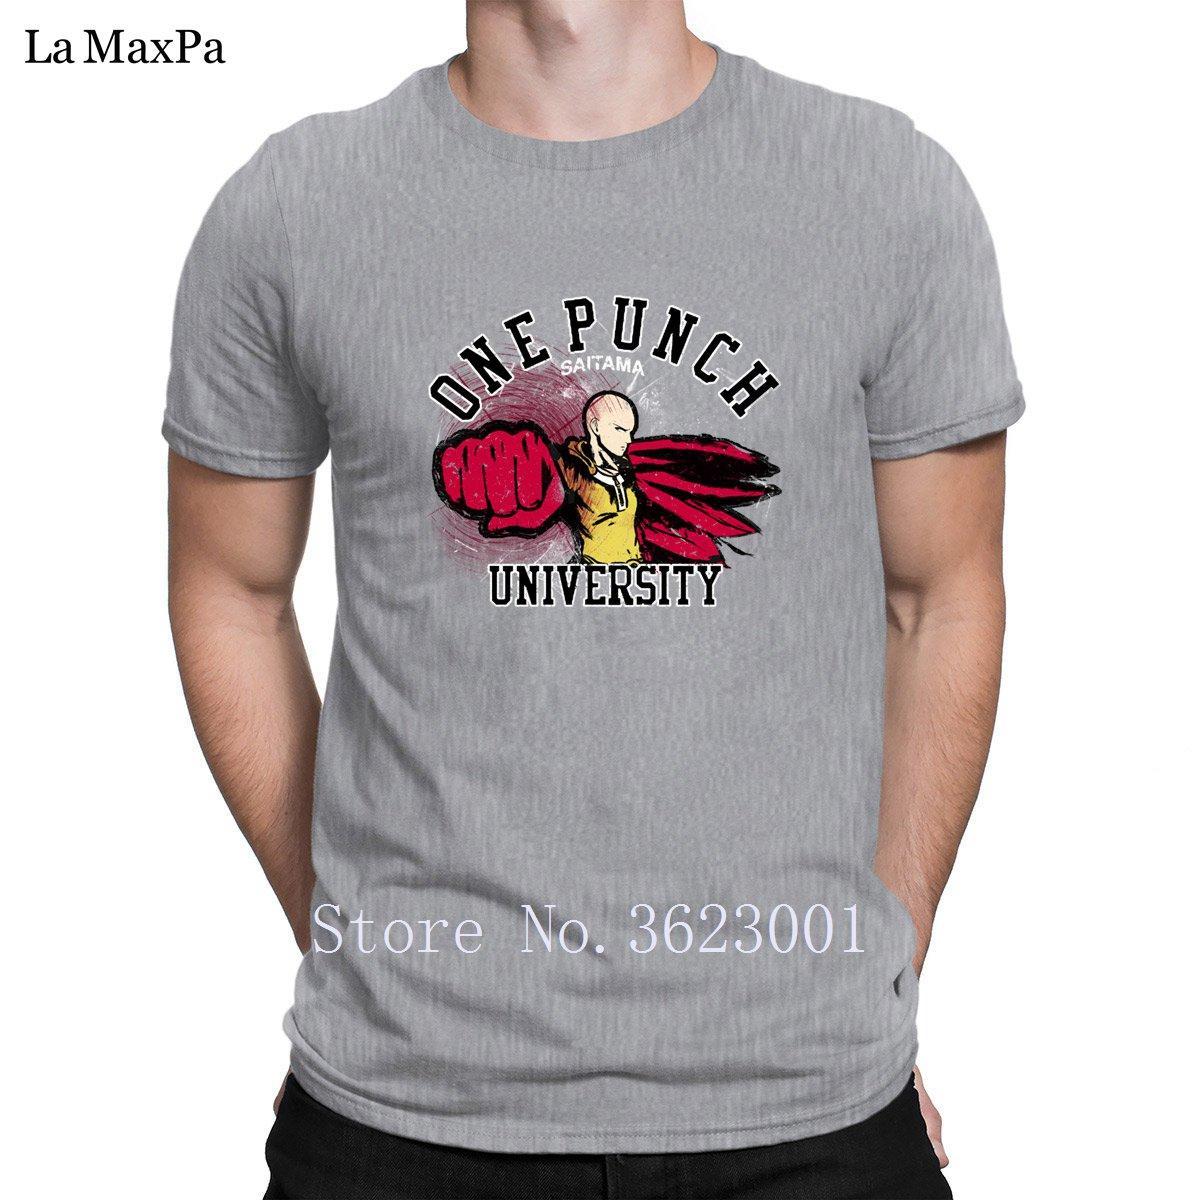 Tricotée Impressionnant Hommes T-shirts Un T-shirt Université punch pour les hommes unisexe hommes T-shirt humoristique col rond T-shirt Haut